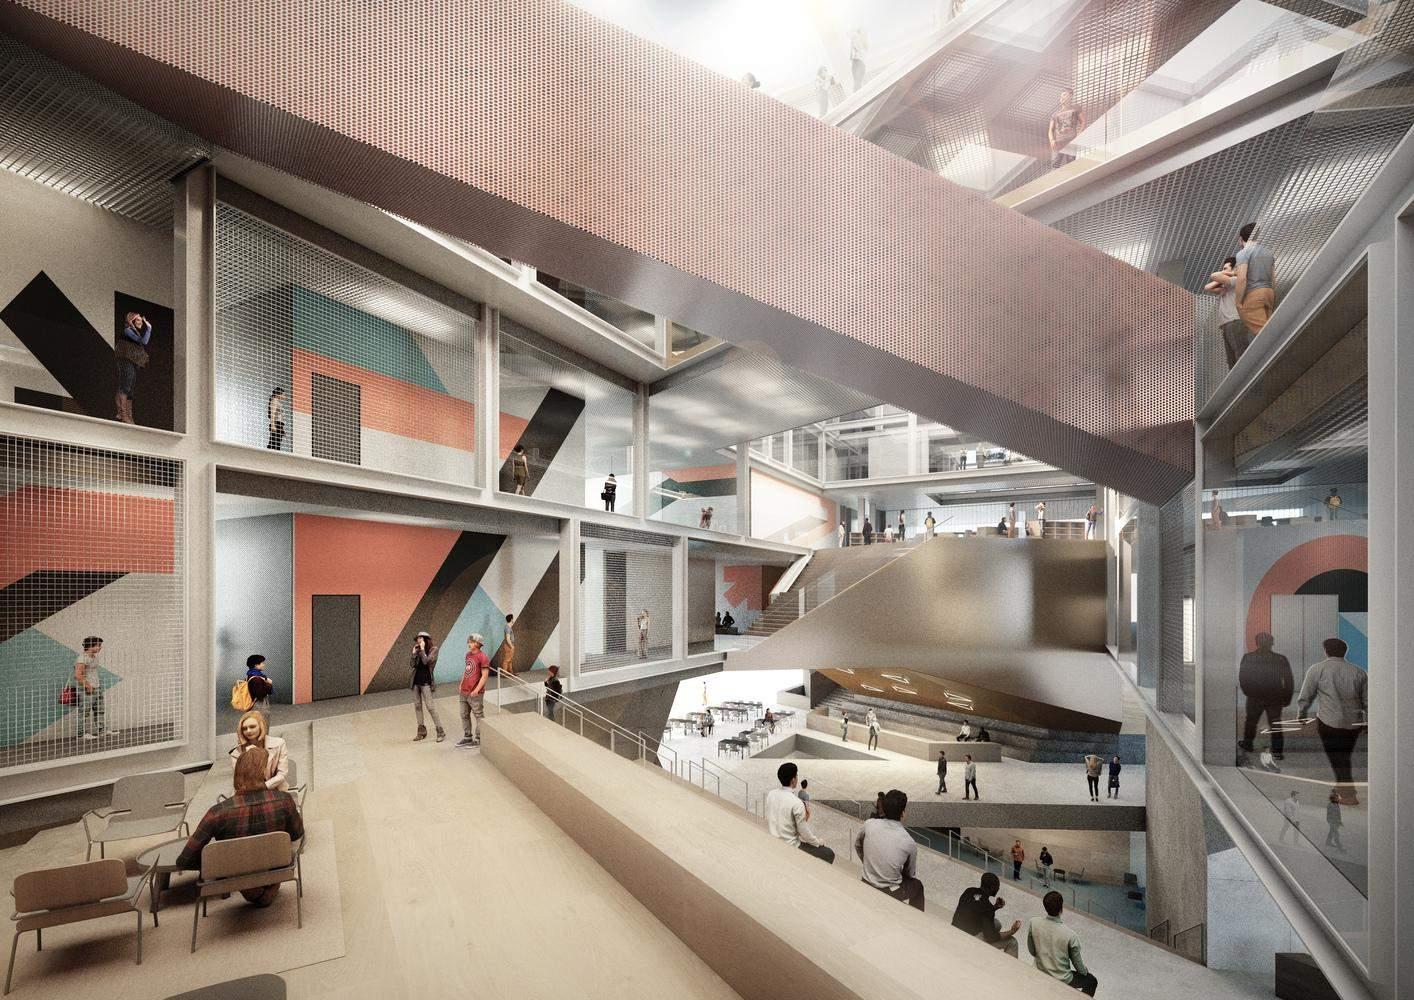 Університет абсолютно не схожий на стандартний заклад освіти / Фото Archdaily